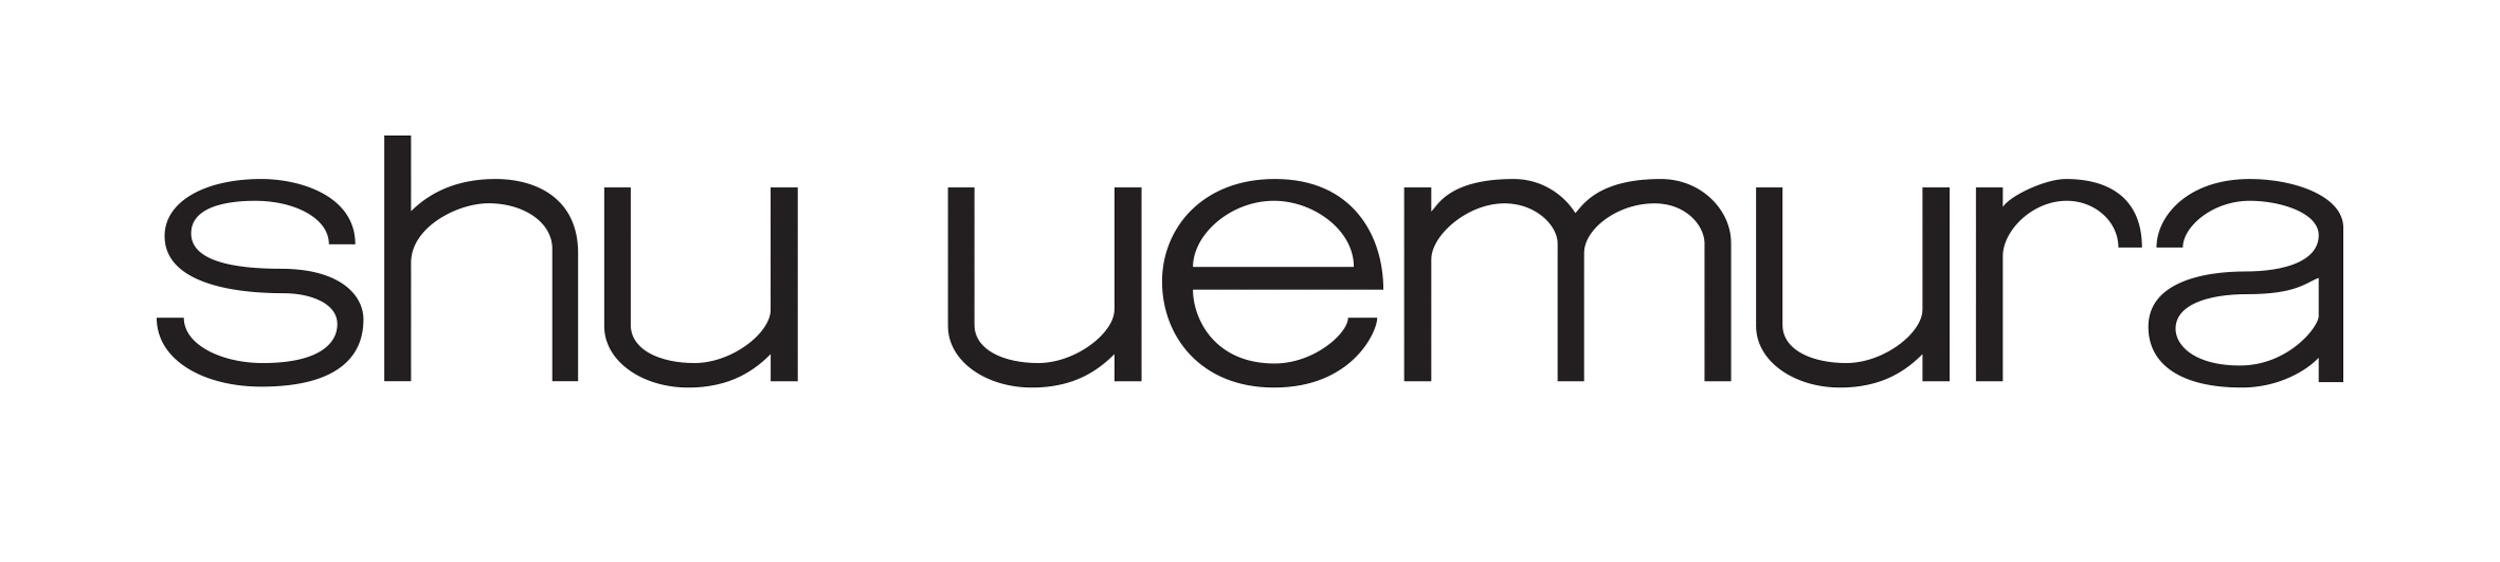 Shu Uemura_logo HR jpeg.jpg